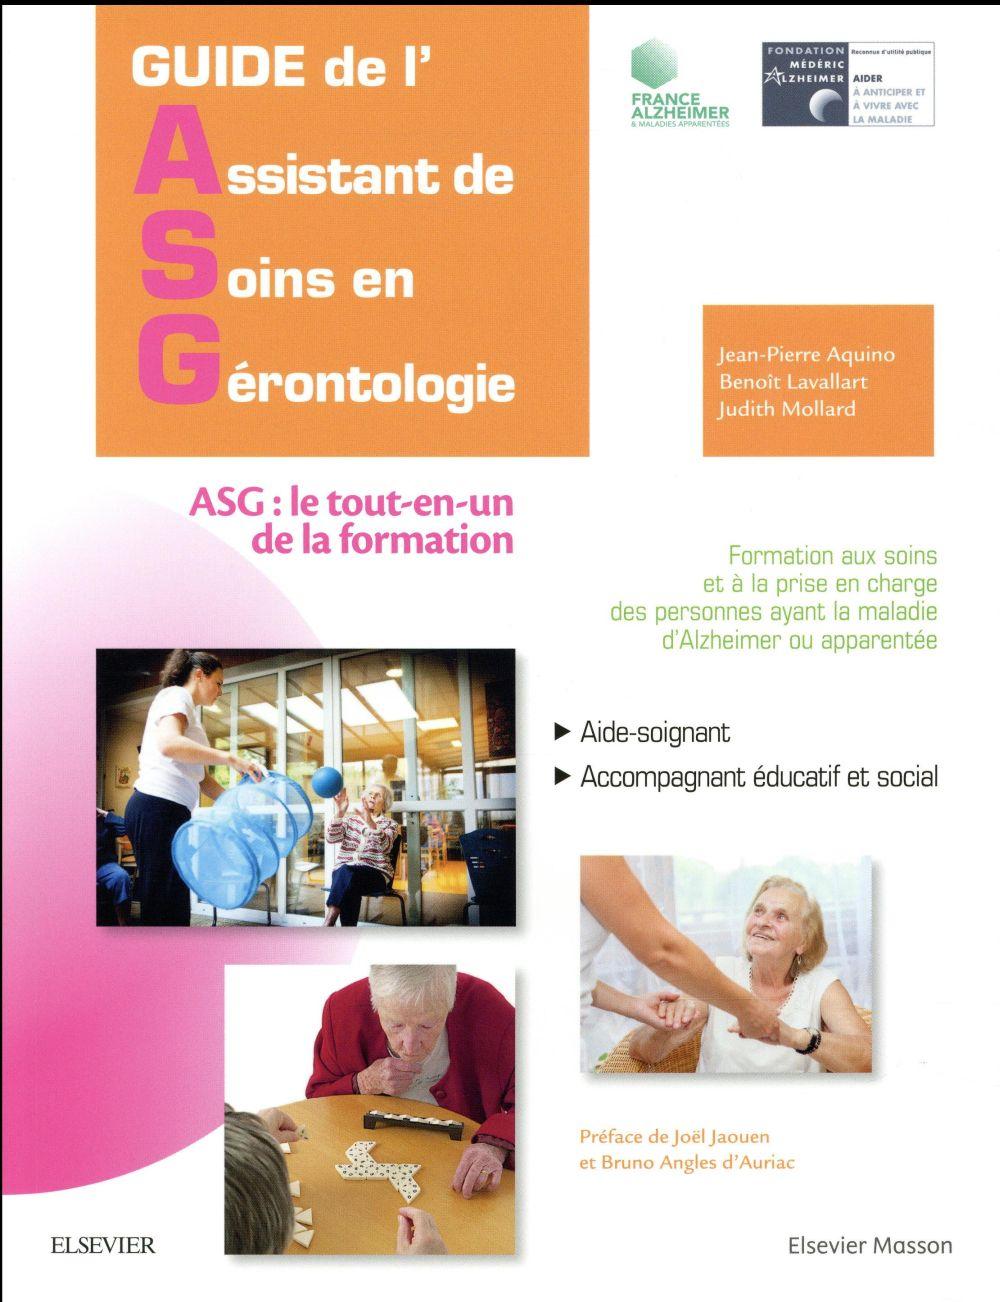 Guide de l'assistant de soins en gérontologie (2e édition)